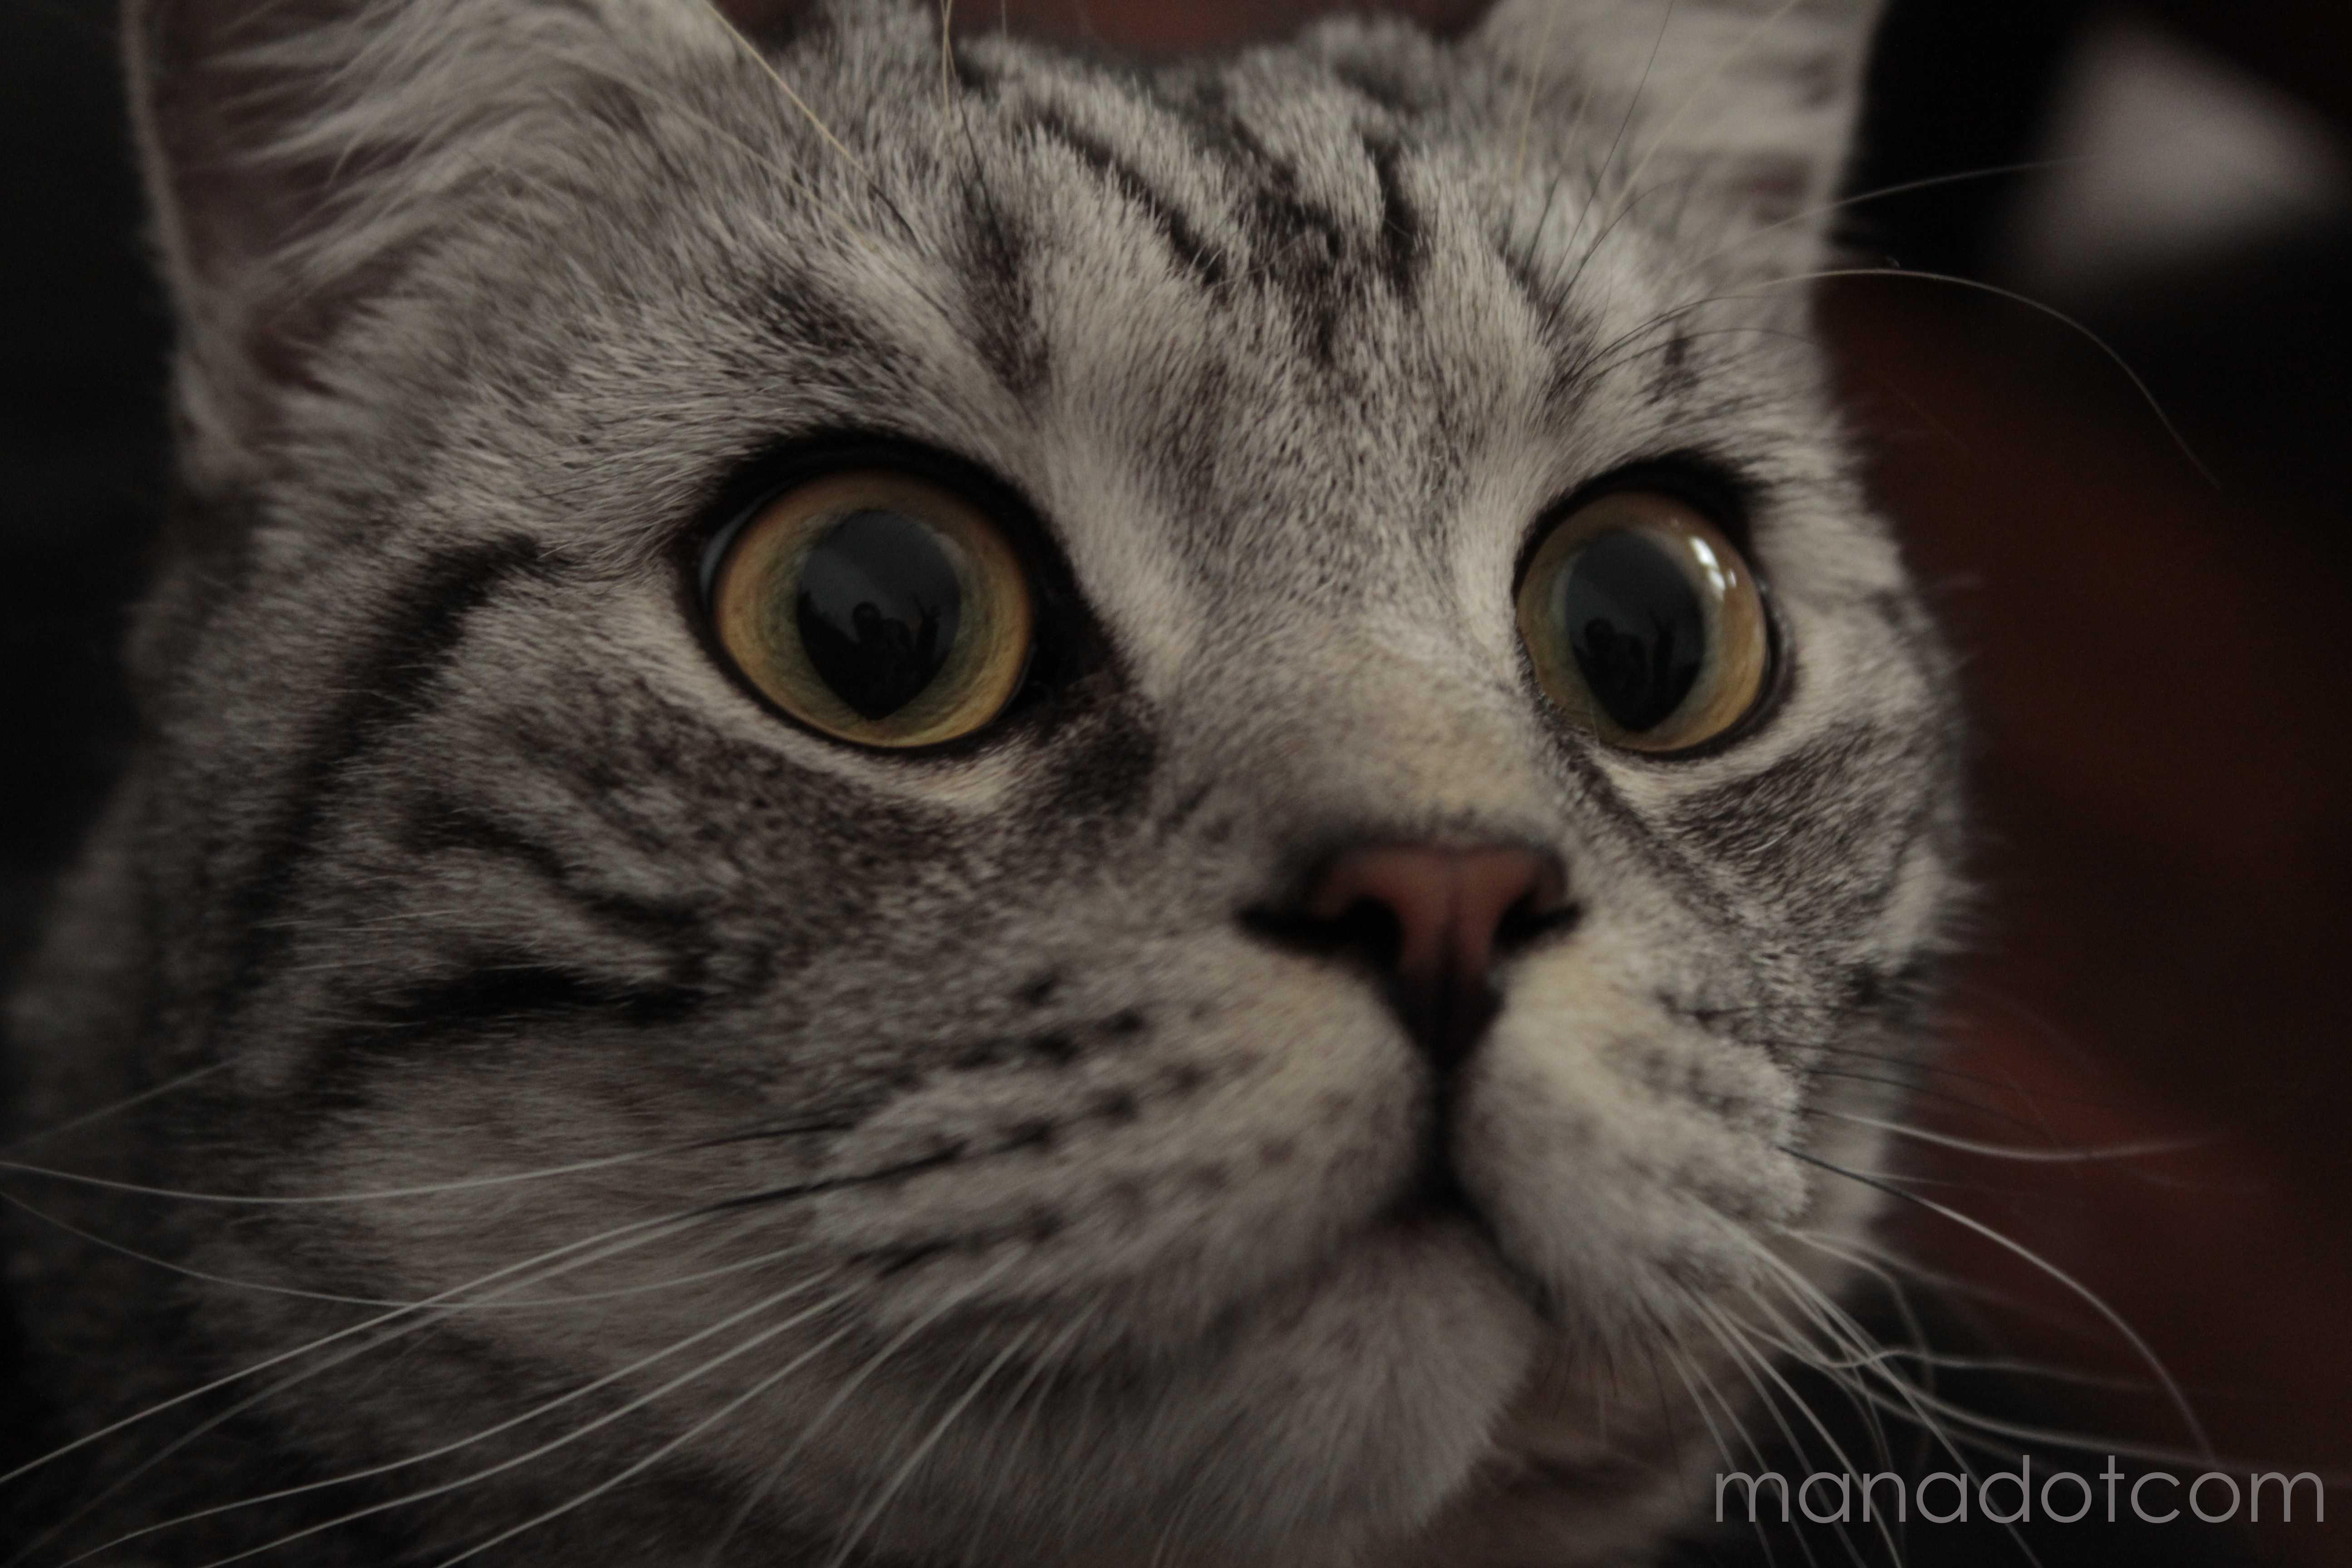 comment avoir les yeux d un chat